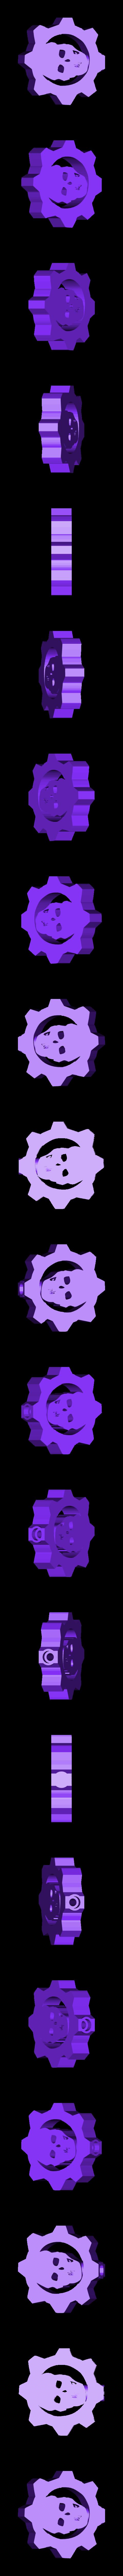 Bulky_Omen_Light_Topper.stl Télécharger fichier STL gratuit Gears of War Halloween Tree • Modèle pour impression 3D, ChaosCoreTech